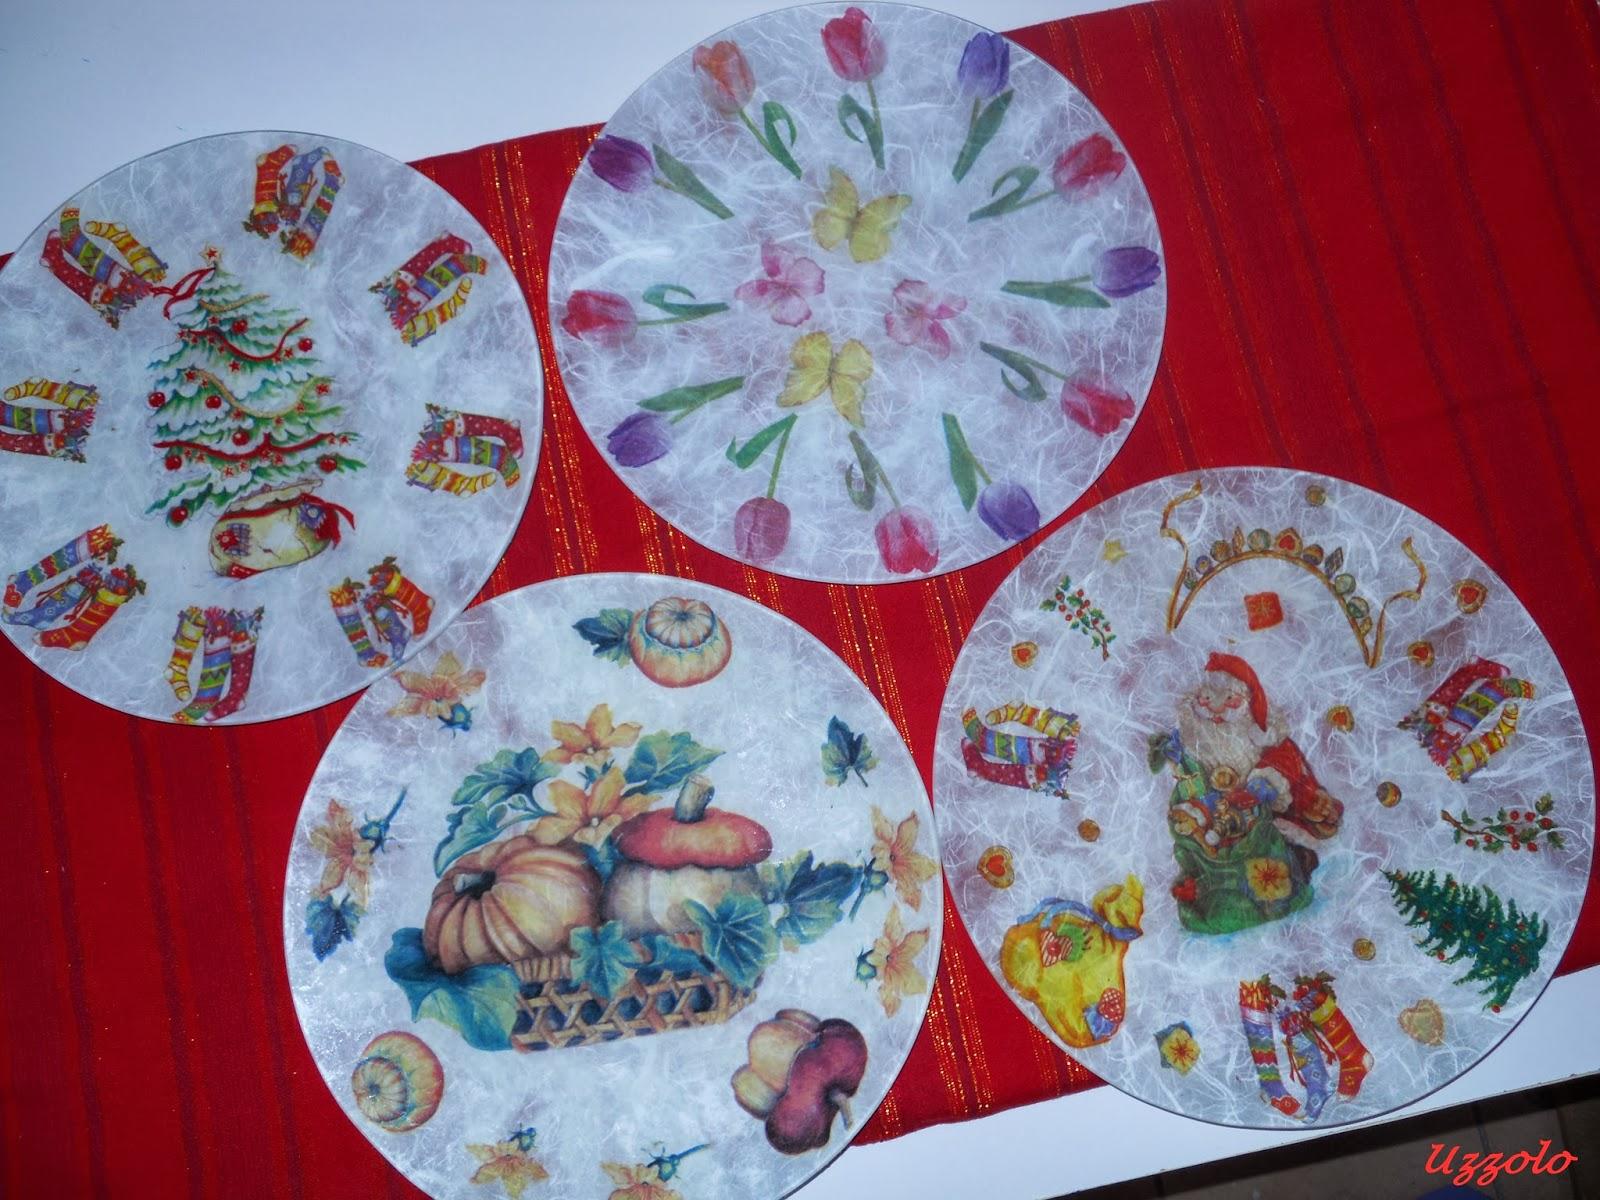 Uzzolo buon 2014 piatti decorati for Piatti decorati